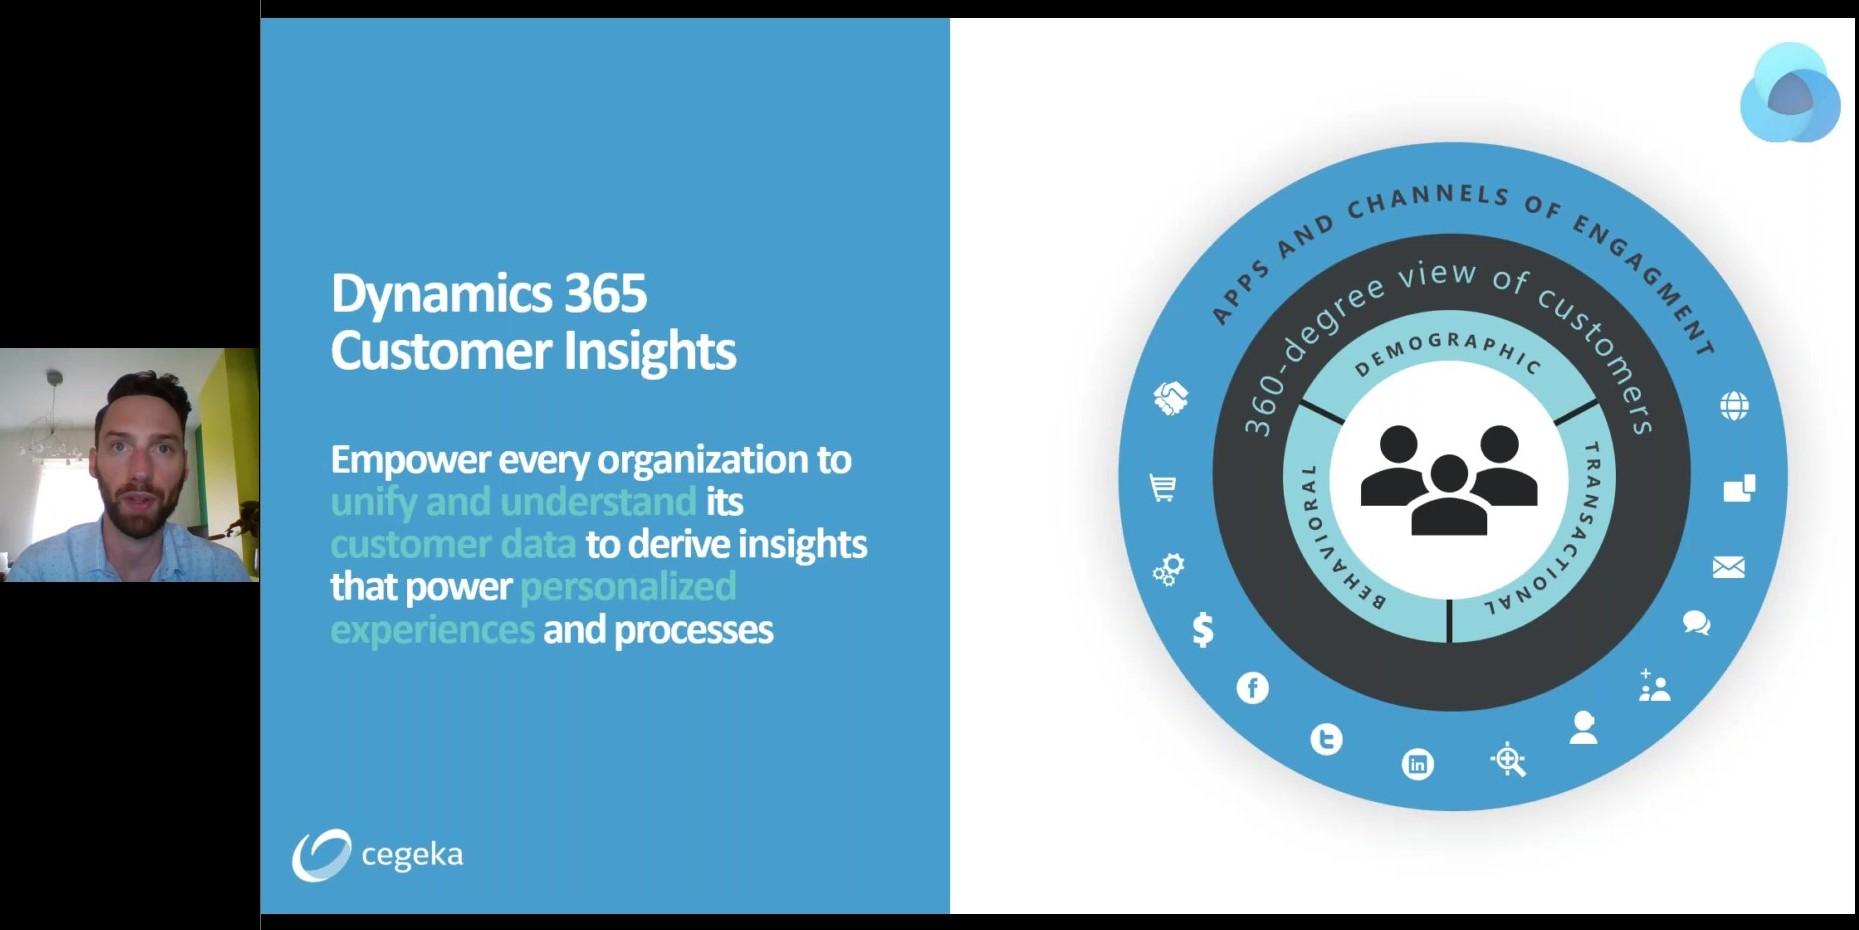 Customer Insights Jumpstart: klaar voor de next-gen customer 360°?